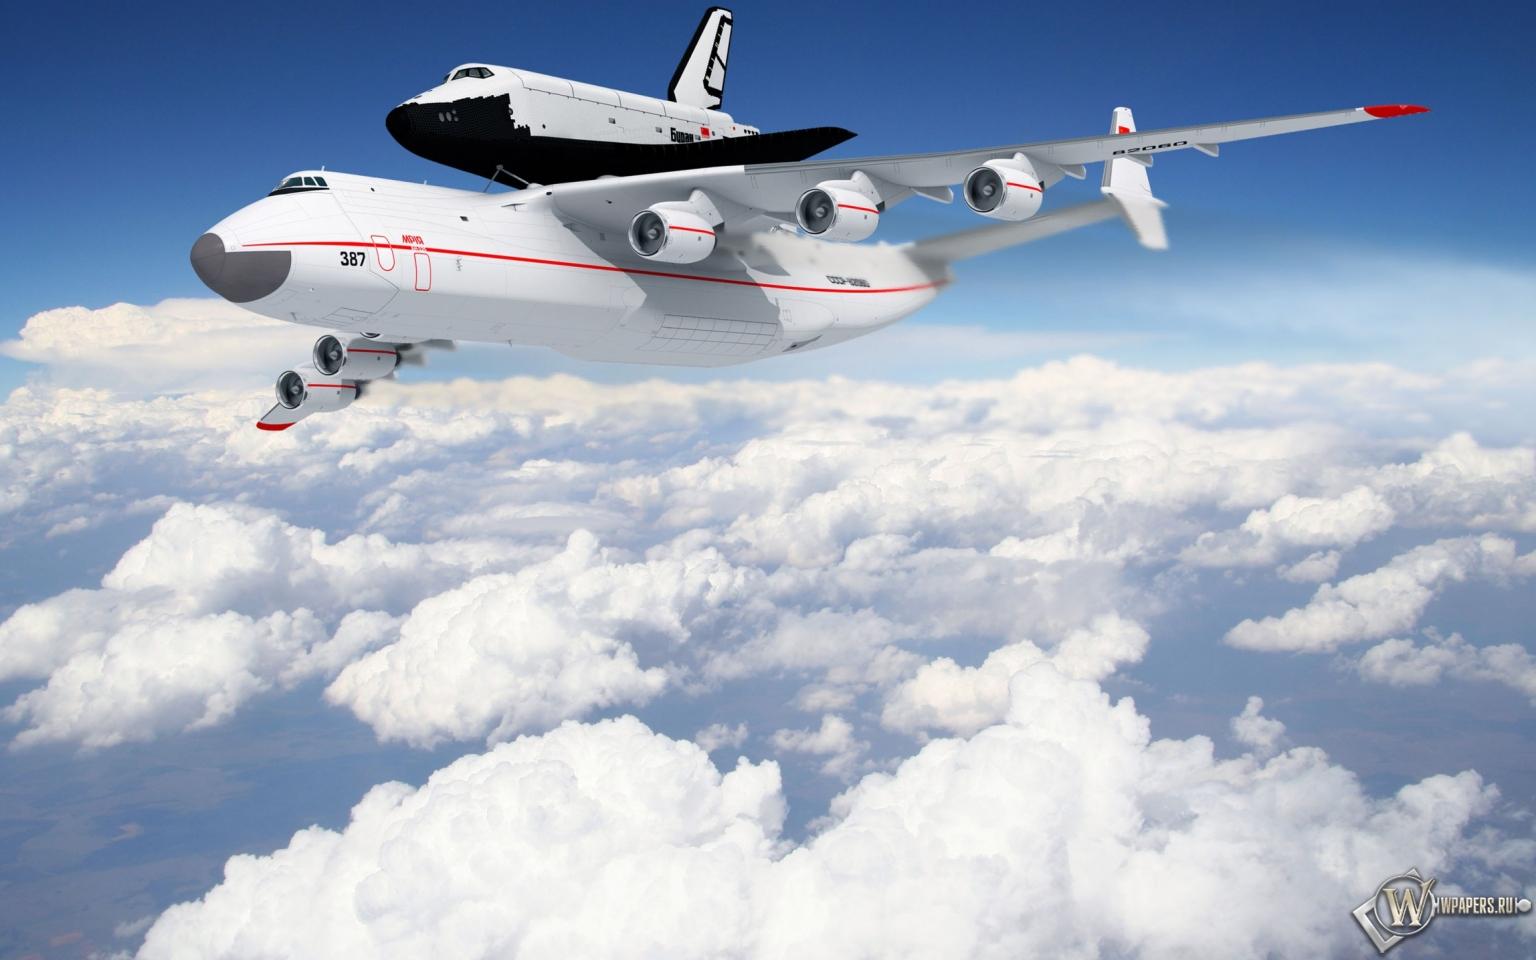 Самолет с челноком 1536x960